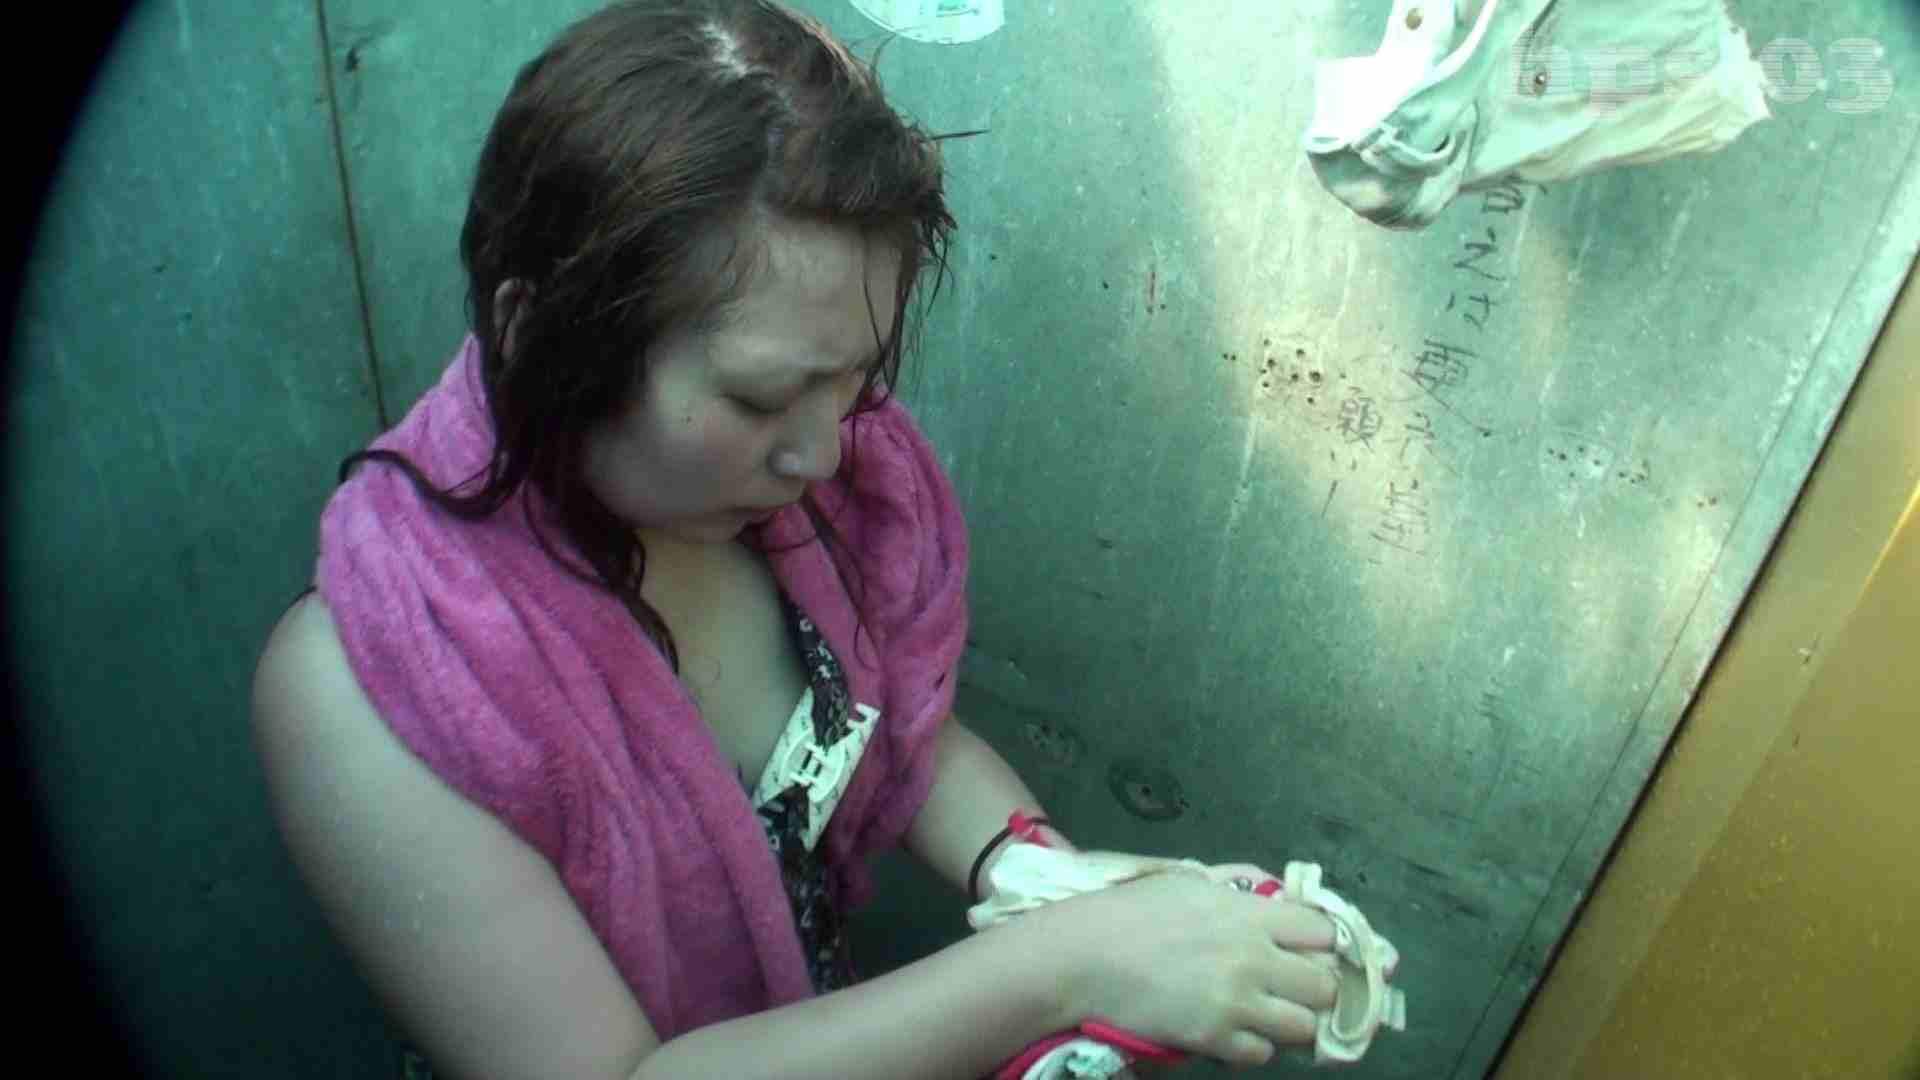 シャワールームは超!!危険な香りVol.3 ハートのタトゥーちょっとプヨってます。 高画質 隠し撮りすけべAV動画紹介 103画像 20